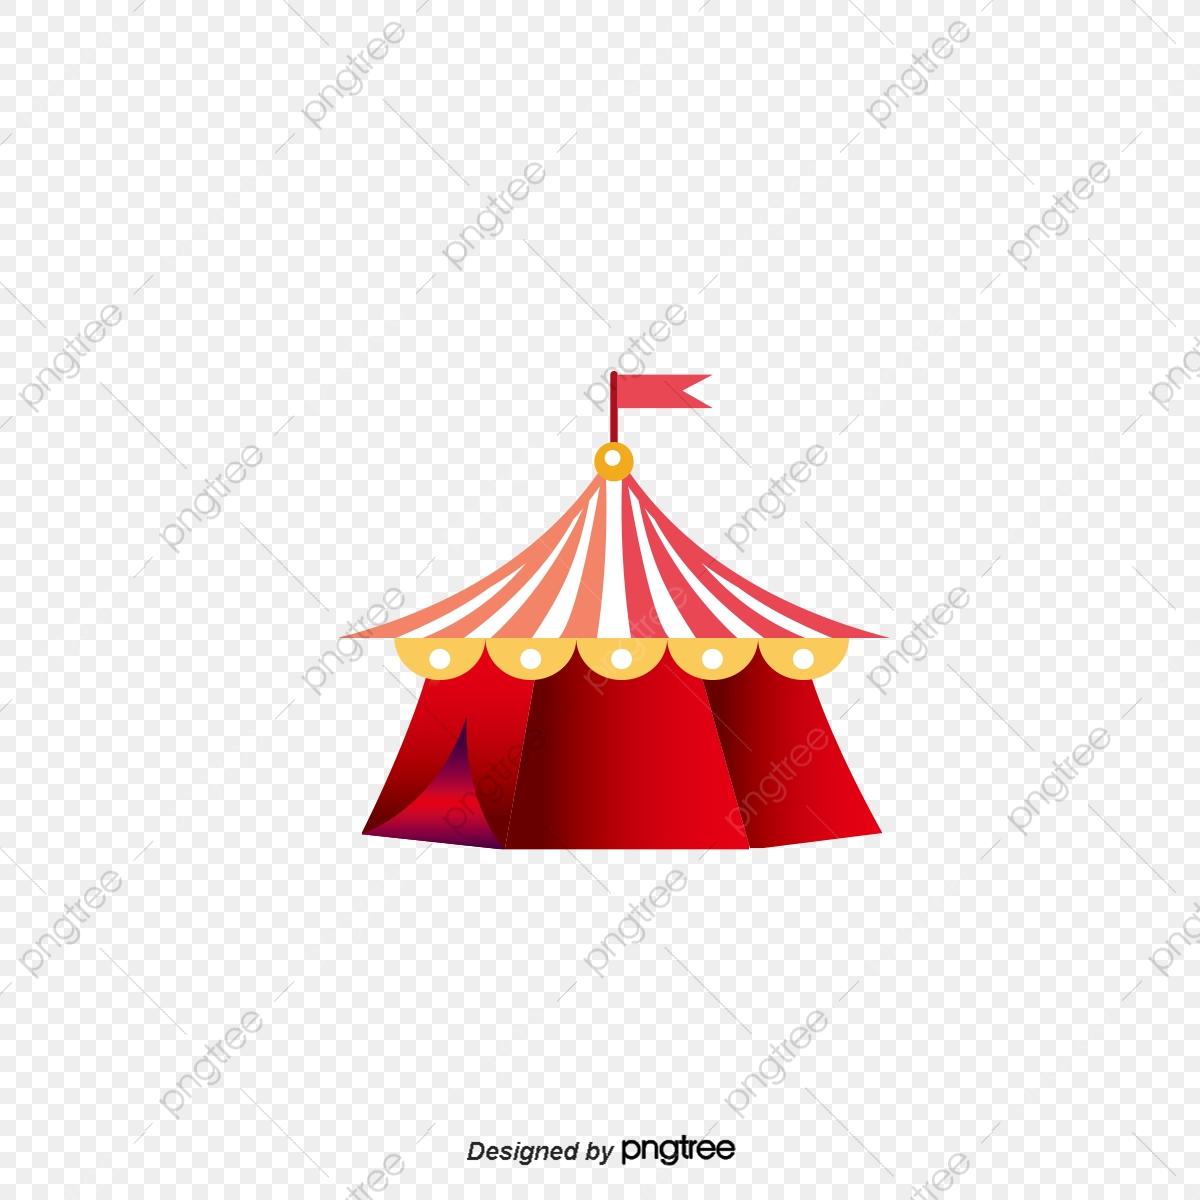 Cirque, Tente, Cirque, Le Vecteur De La Tente Fichier PNG et PSD.